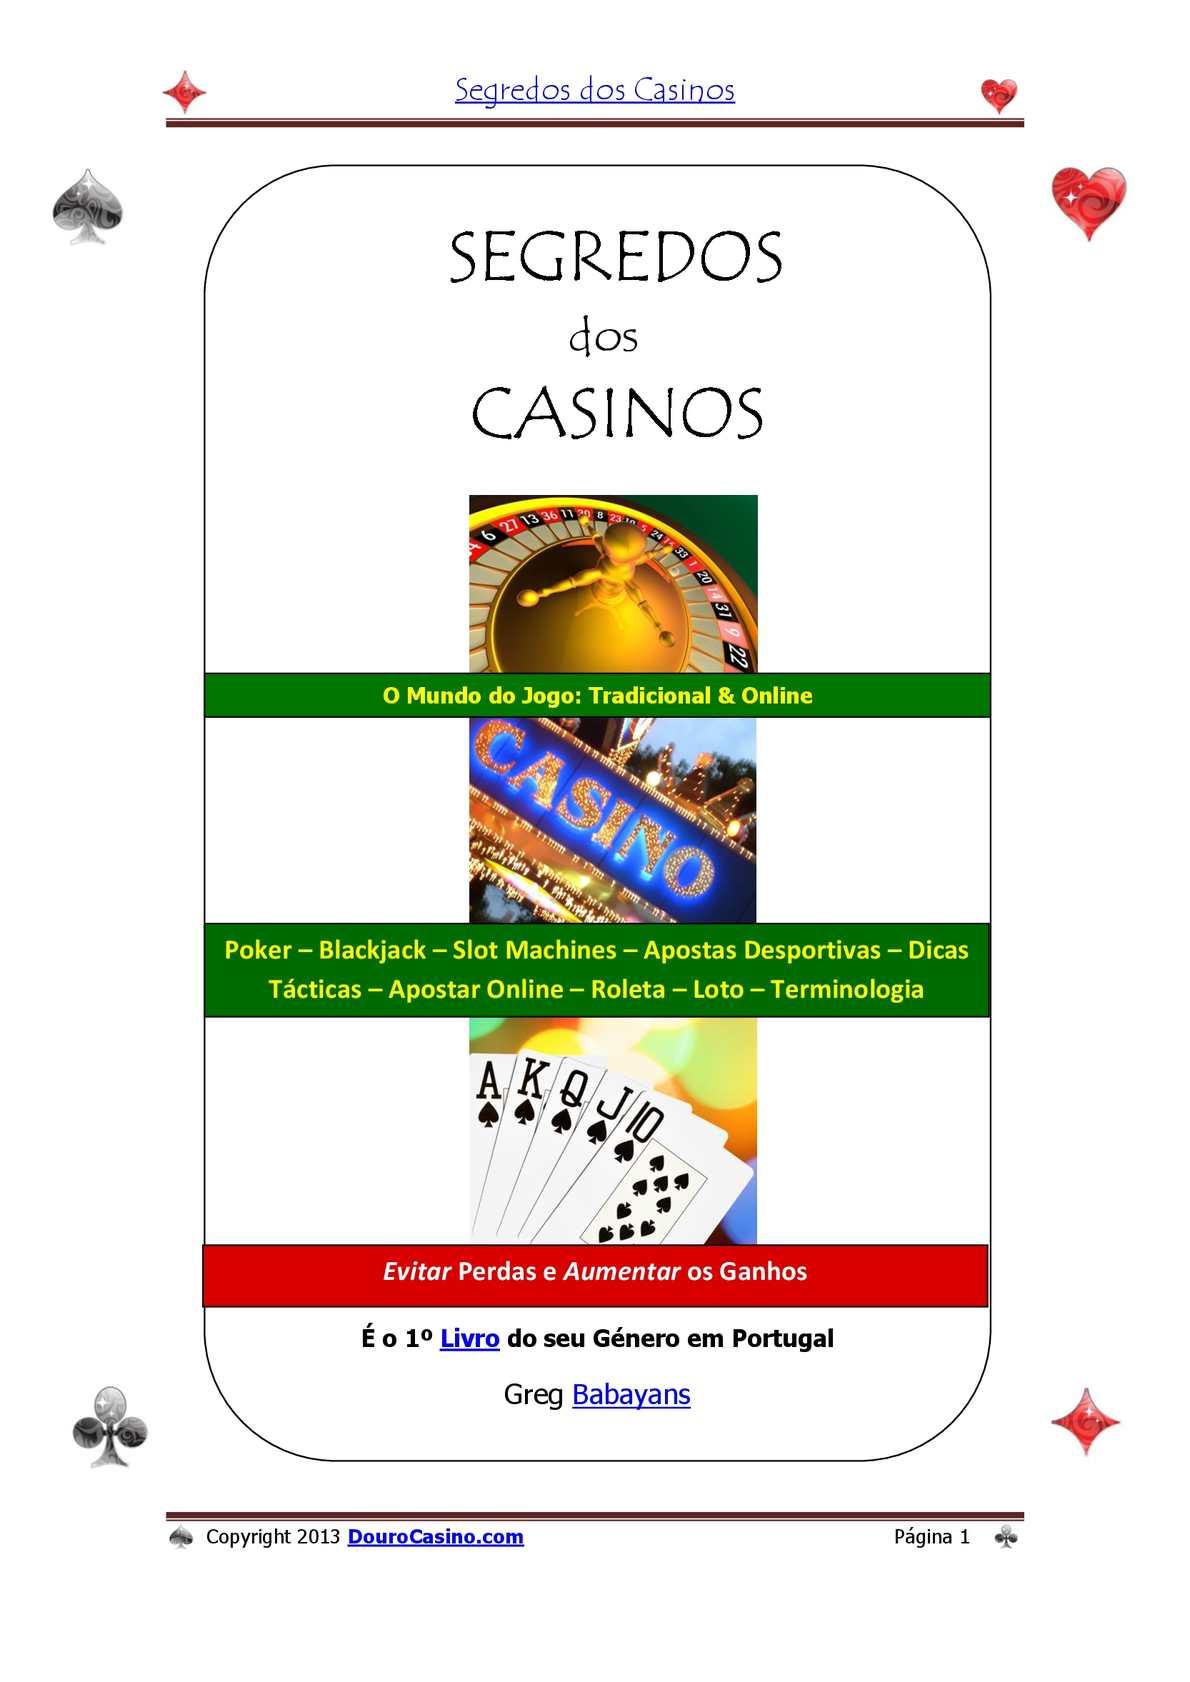 Apostas desportivas blackjack 44366